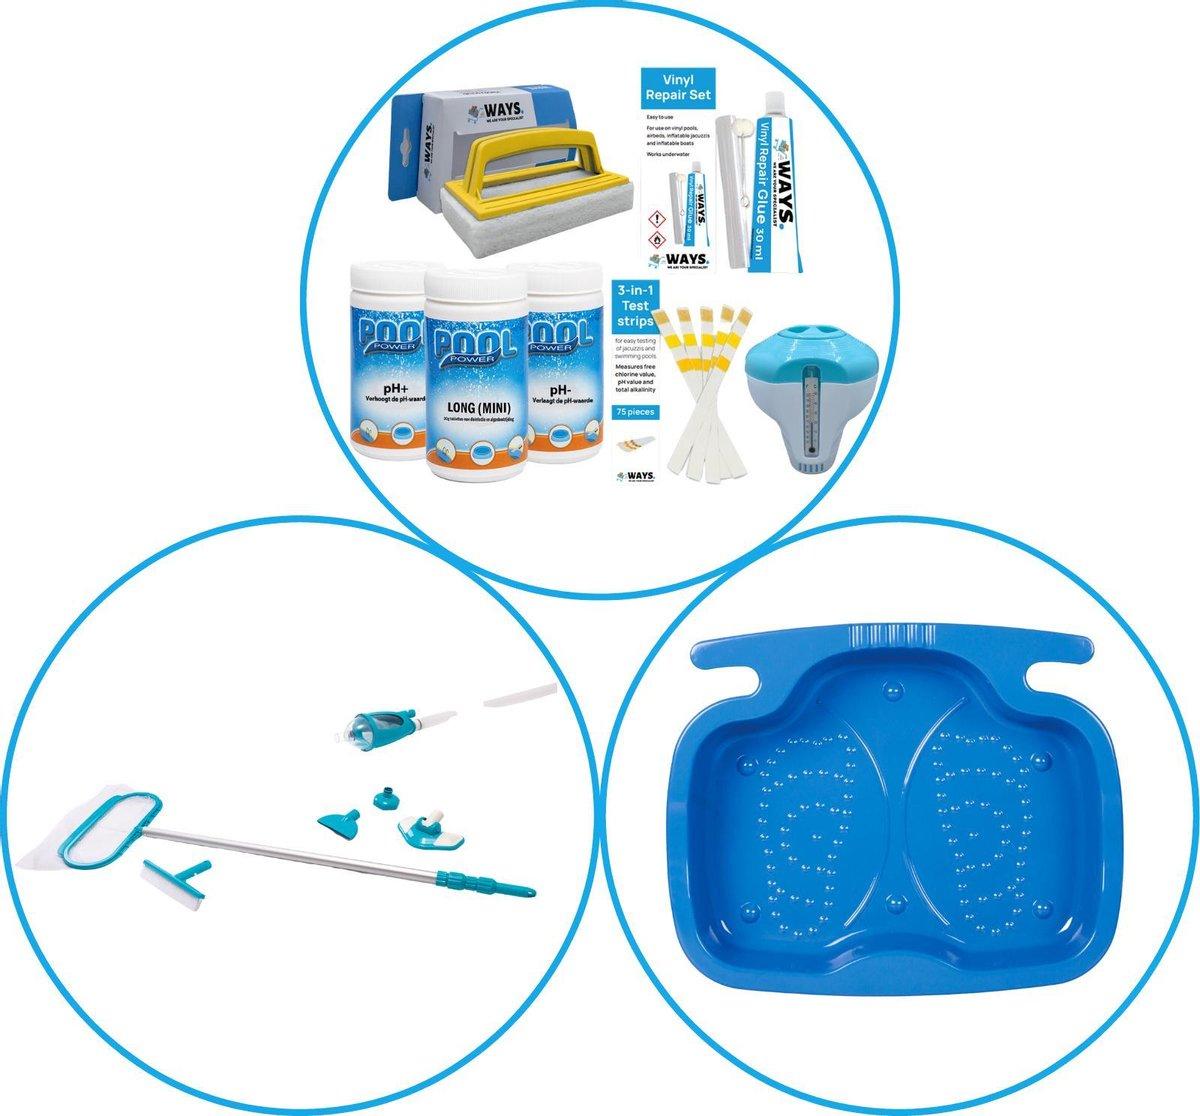 Zwembad Accessoirepakket 3-delig - WAYS Onderhoudspakket & Onderhoudsset Deluxe & Voetenbad